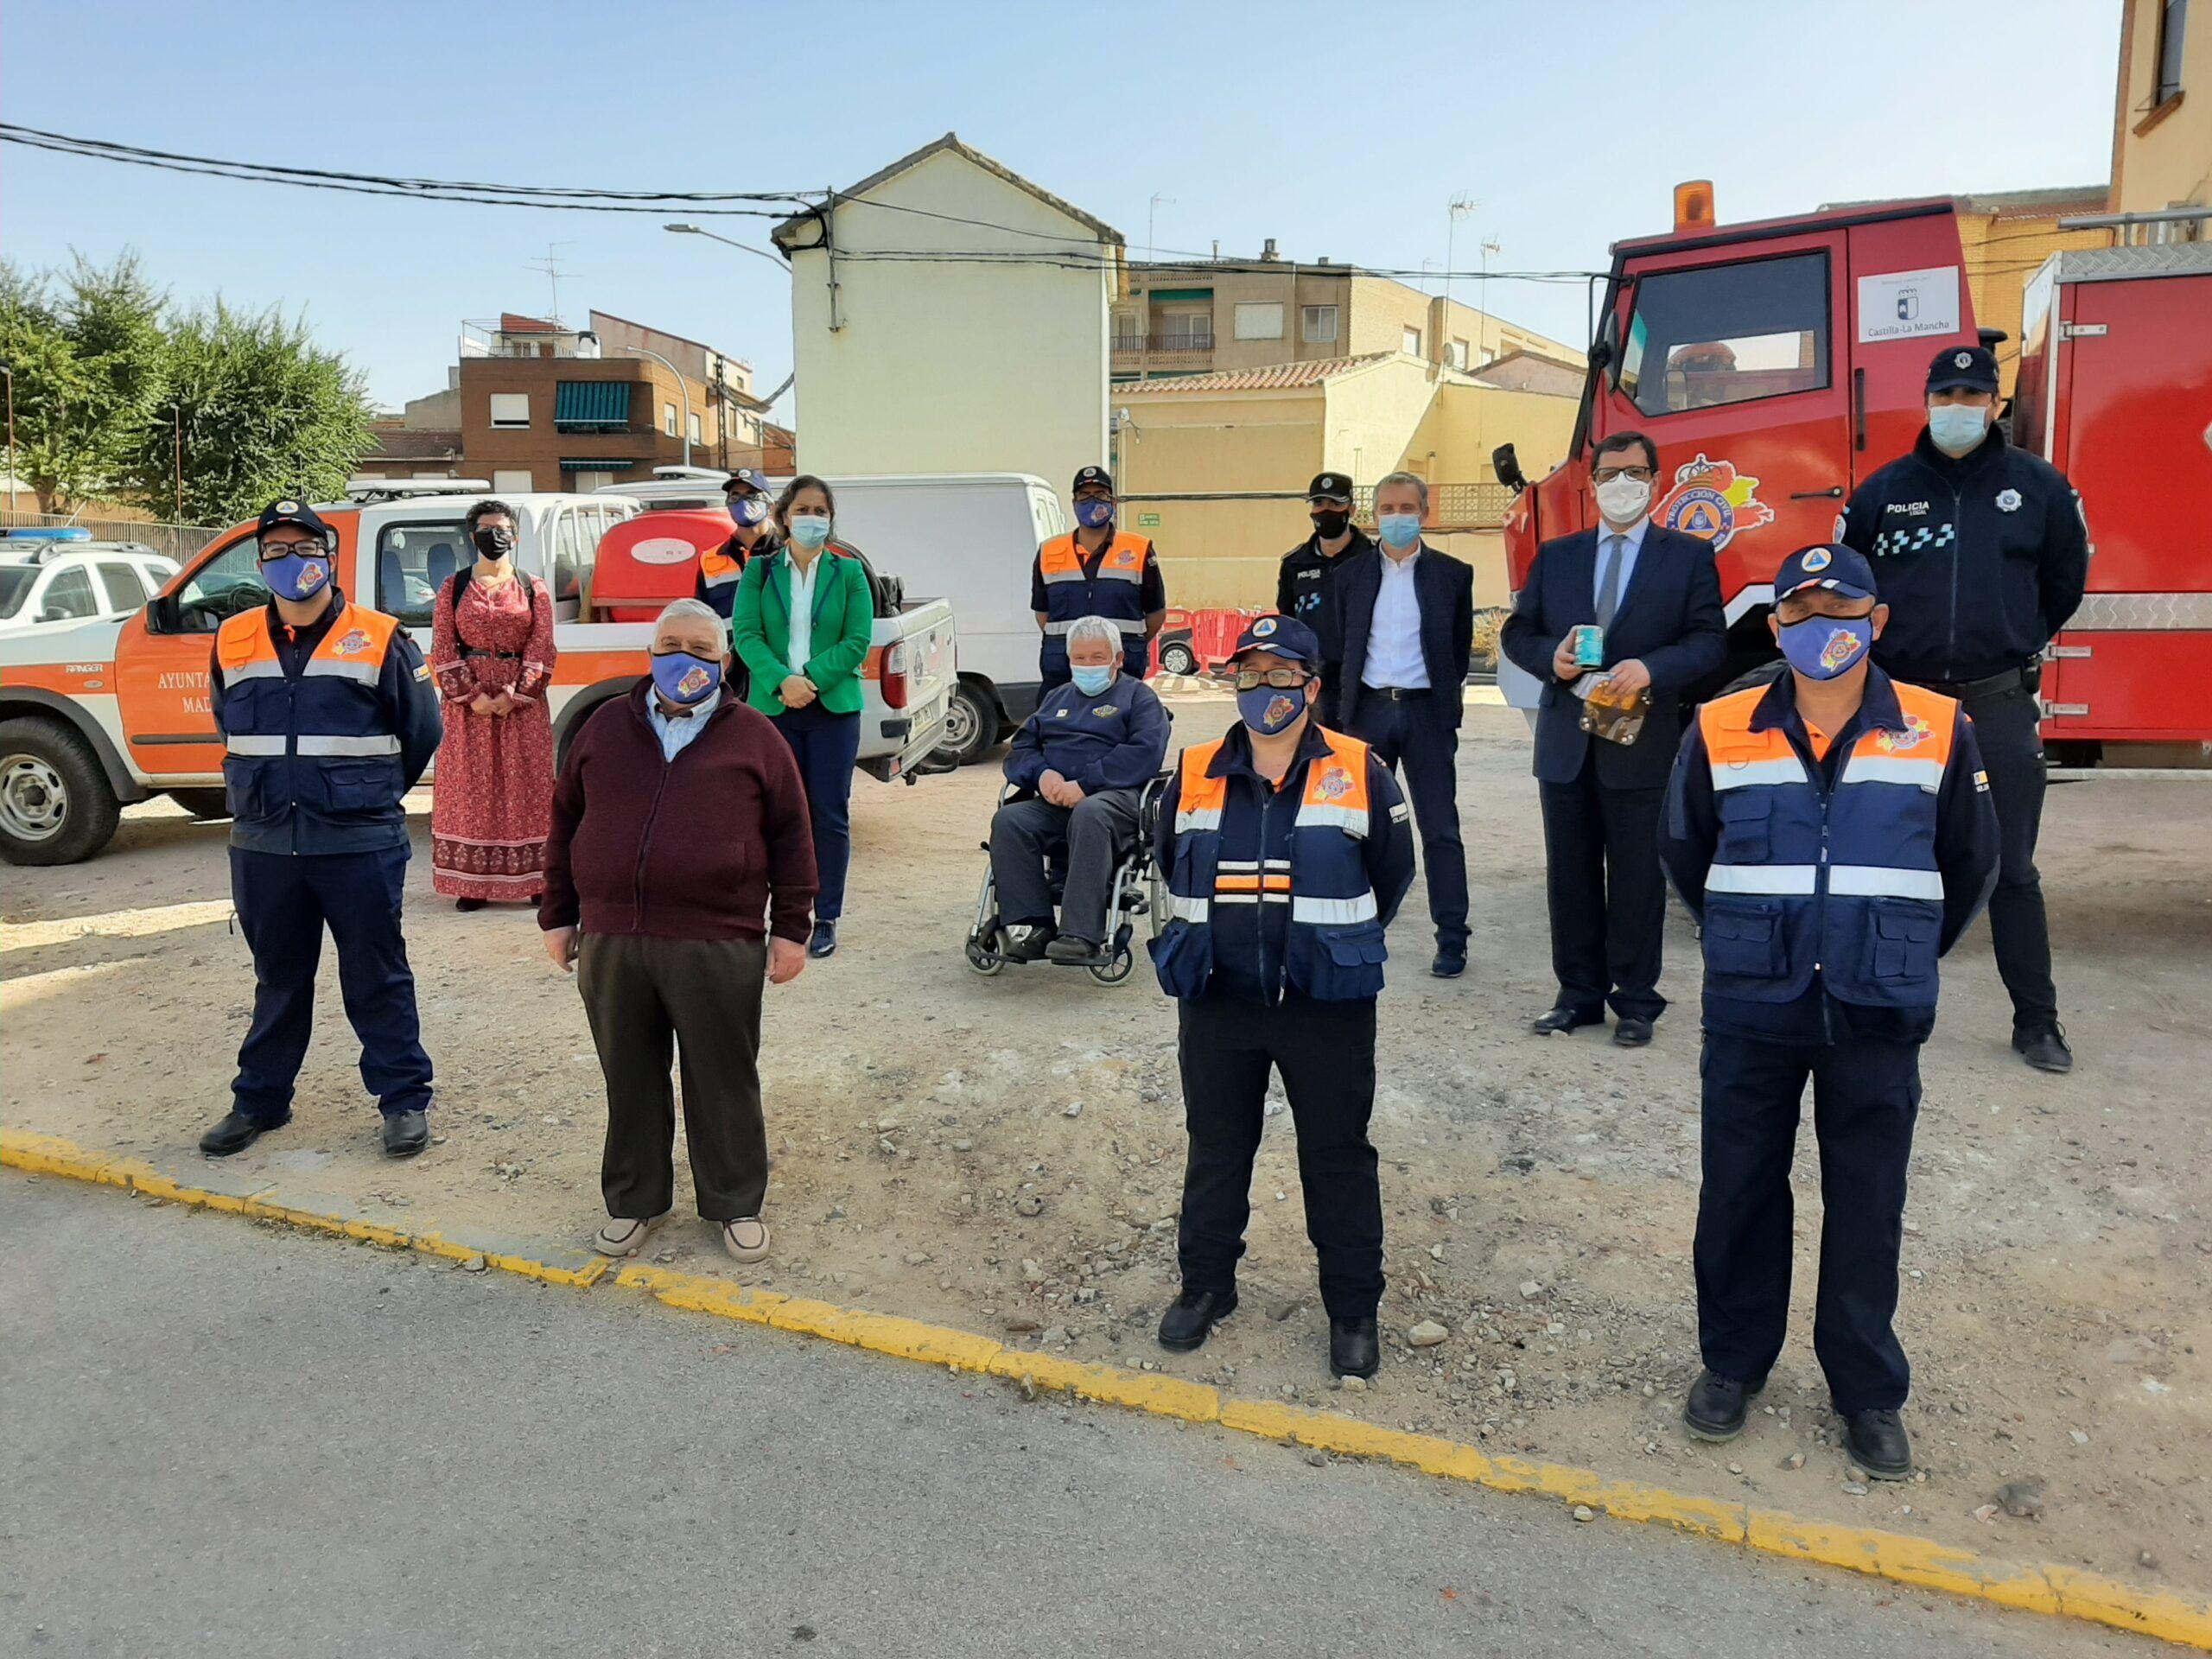 El Gobierno regional continúa apostando por las agrupaciones de Protección Civil consciente de su ejemplar e imprescindible labor diaria